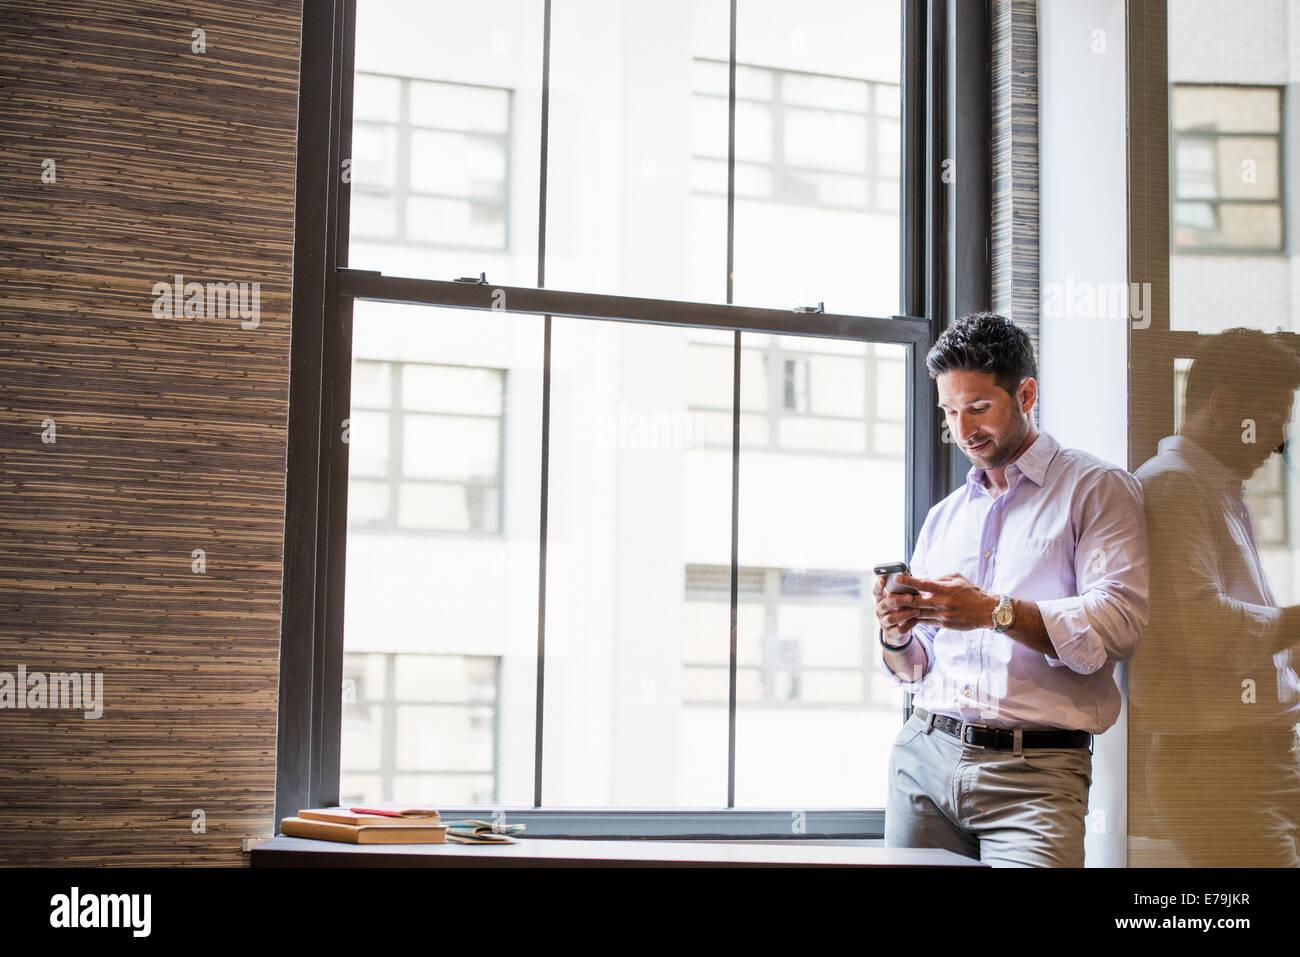 Büroalltag. Ein Mann in einem Büro sein Smartphone überprüfen. Stockbild